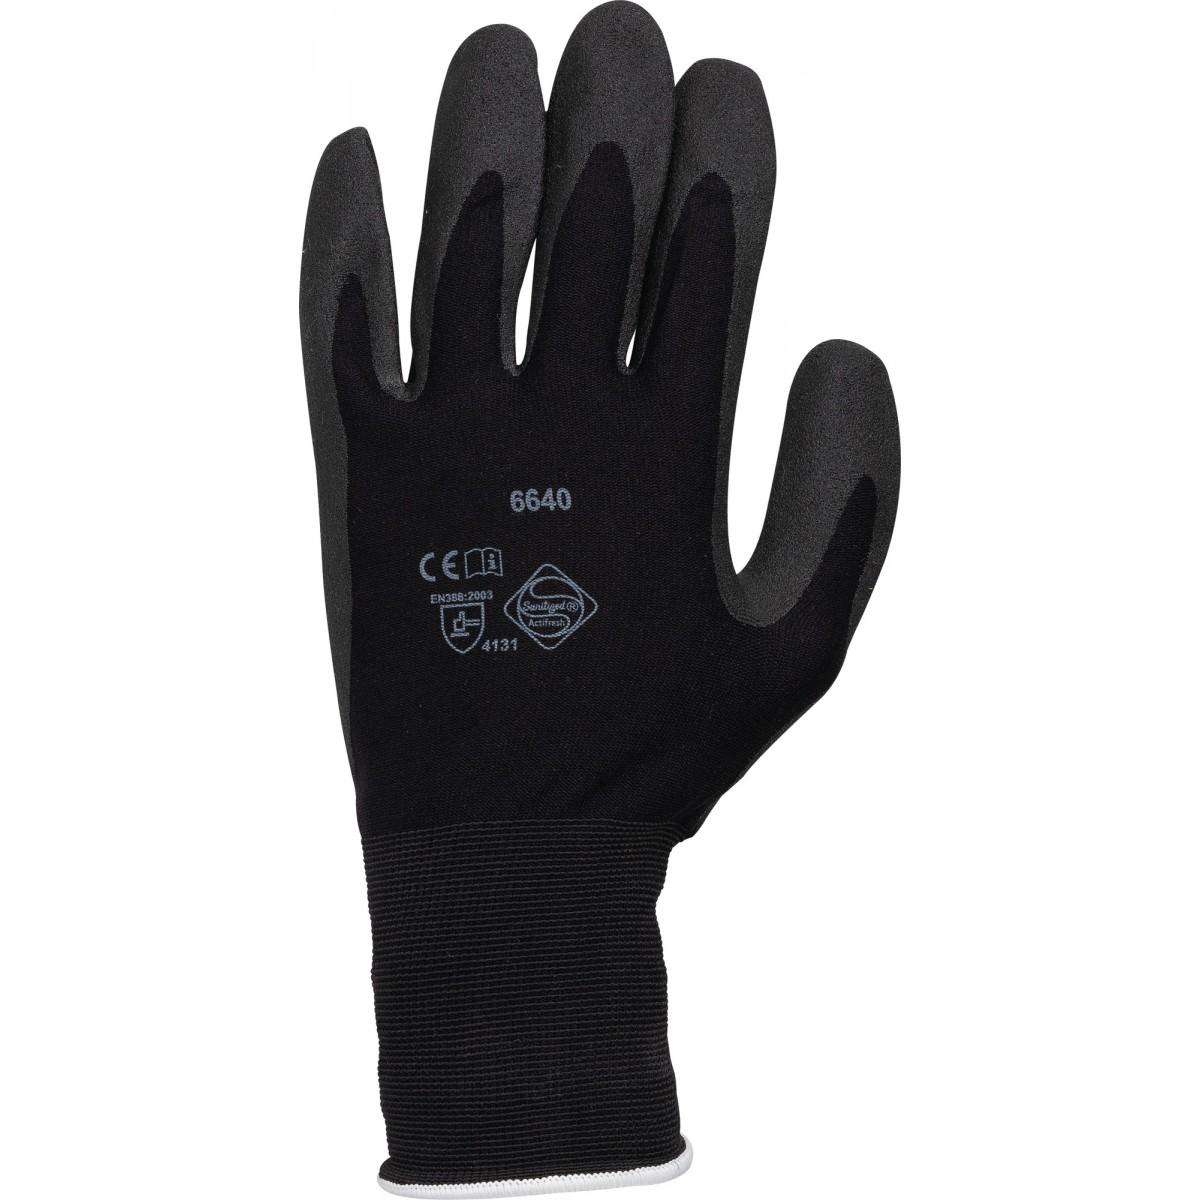 Gants de protection et précision Hydropellent polyester mousse PVC Outibat - Taille 10 - Vendu par 10